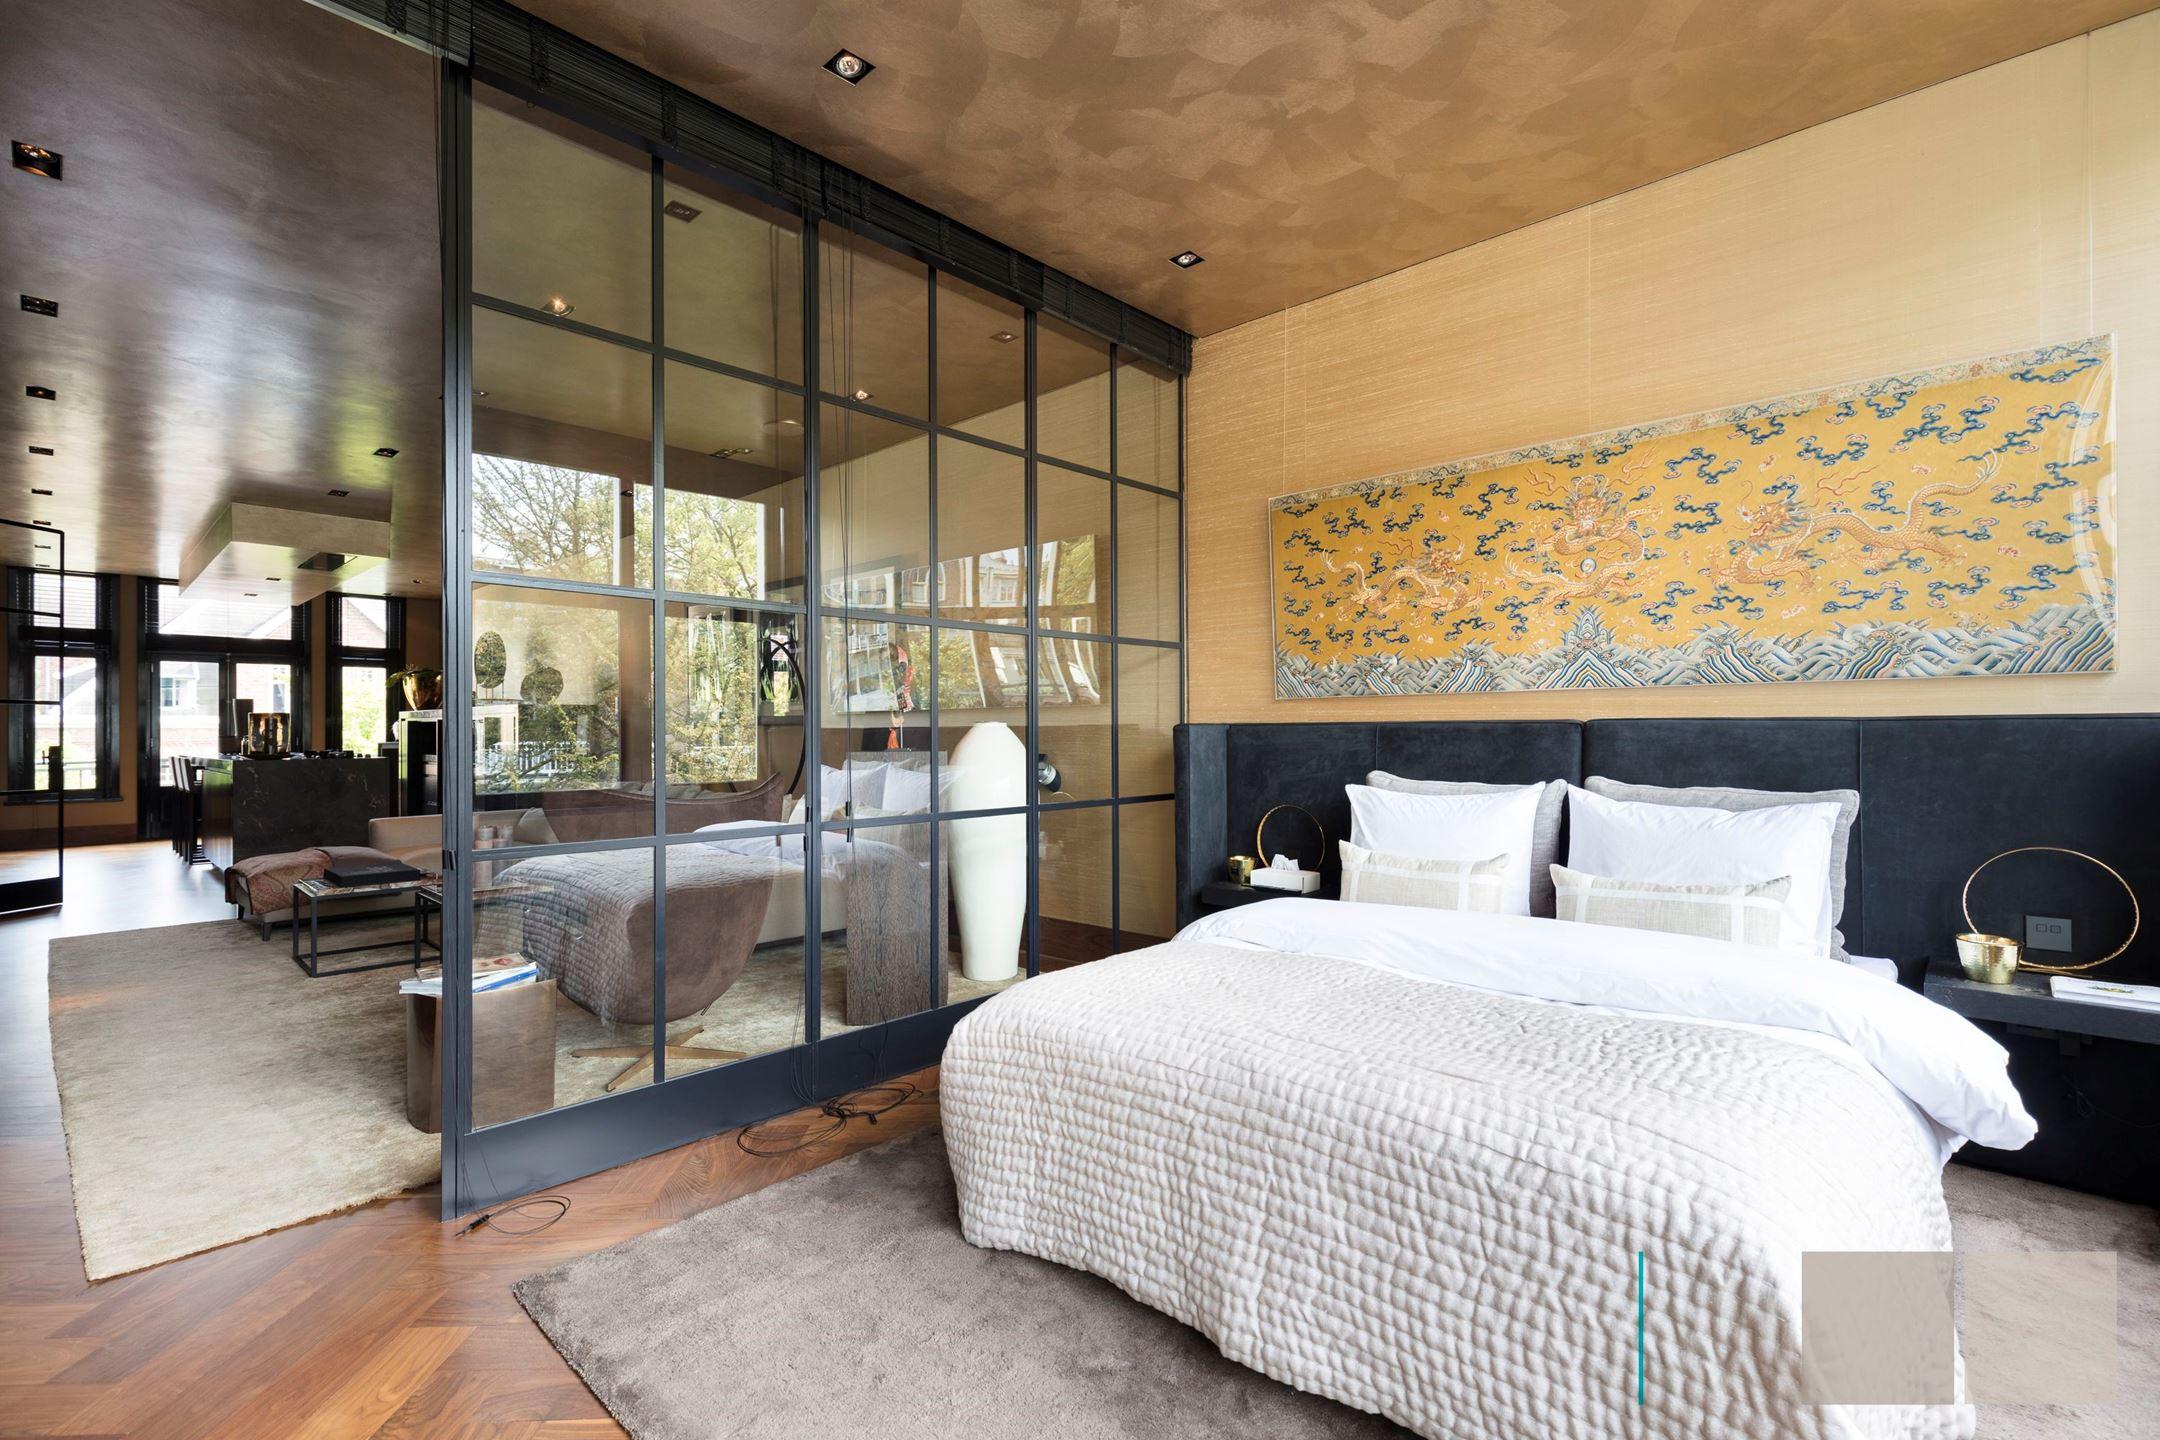 спальня межкомнатная стеклянная перегородка кровать изголовье панно